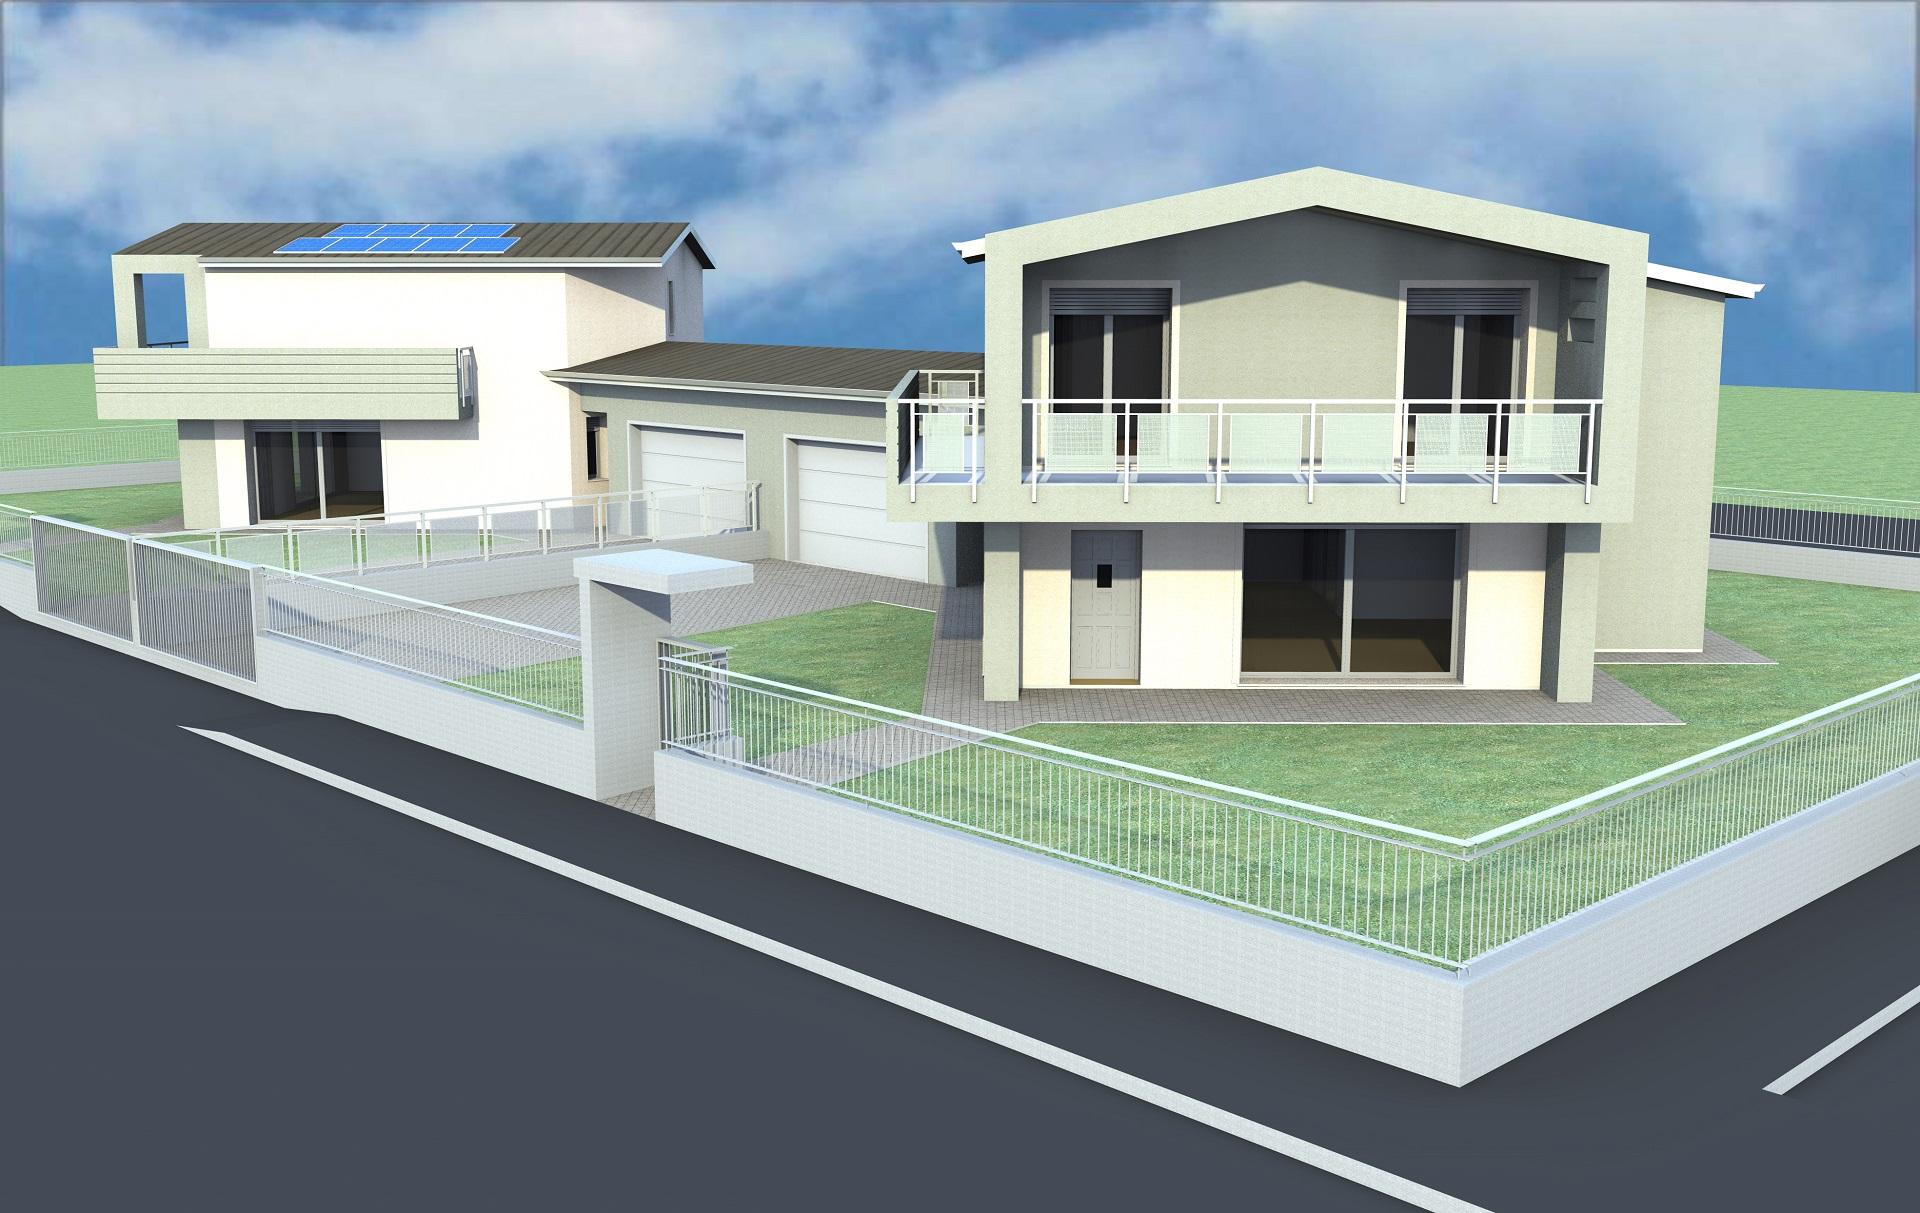 Progetto villa bifamiliare edilmira for Progetto villa moderna nuova costruzione